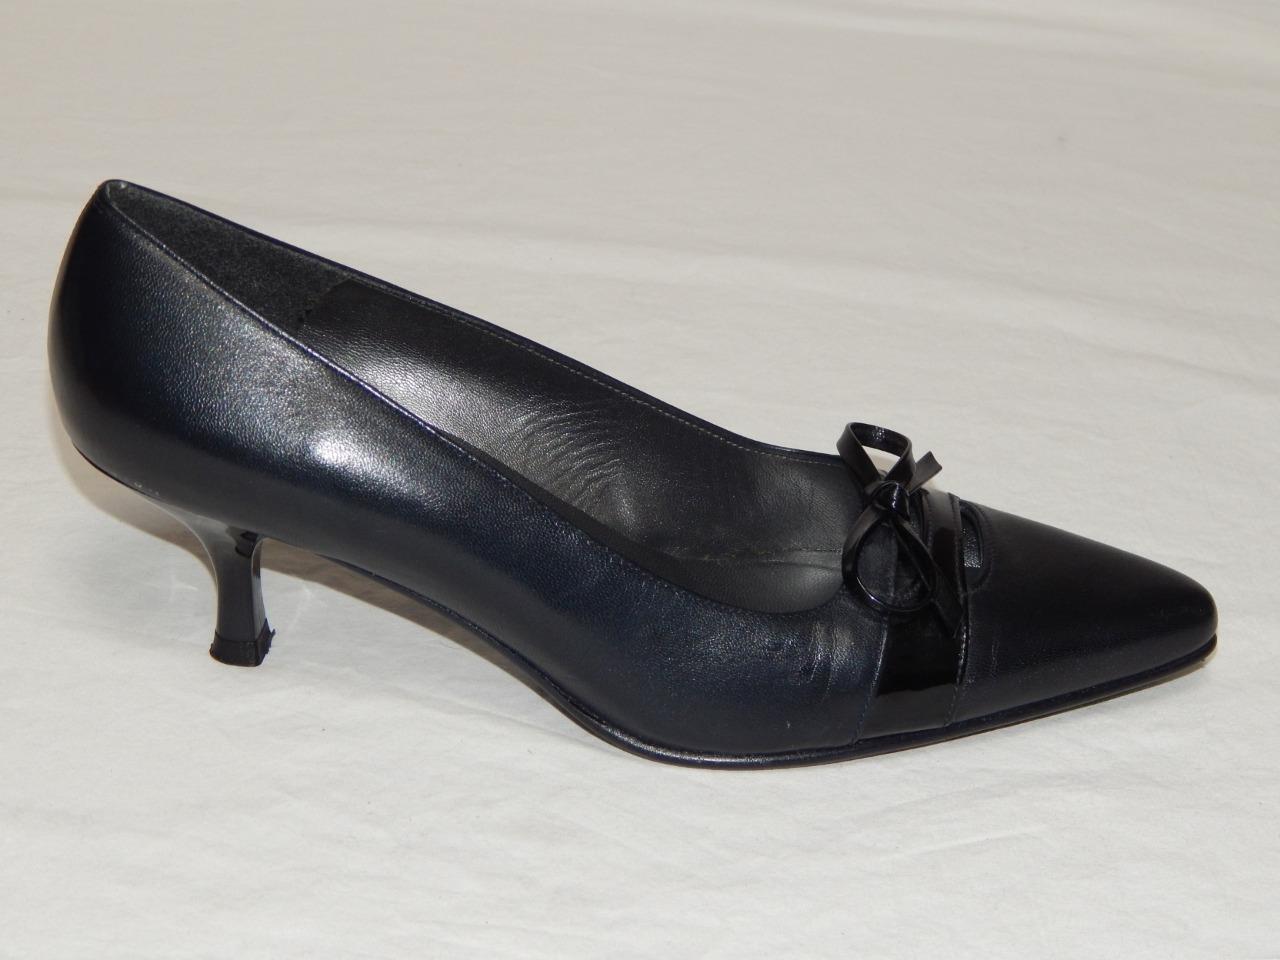 STUART STUART STUART WEITZMAN Spain Made Women's Black Leather Smoking Pumps Size 7.5 M a6d721